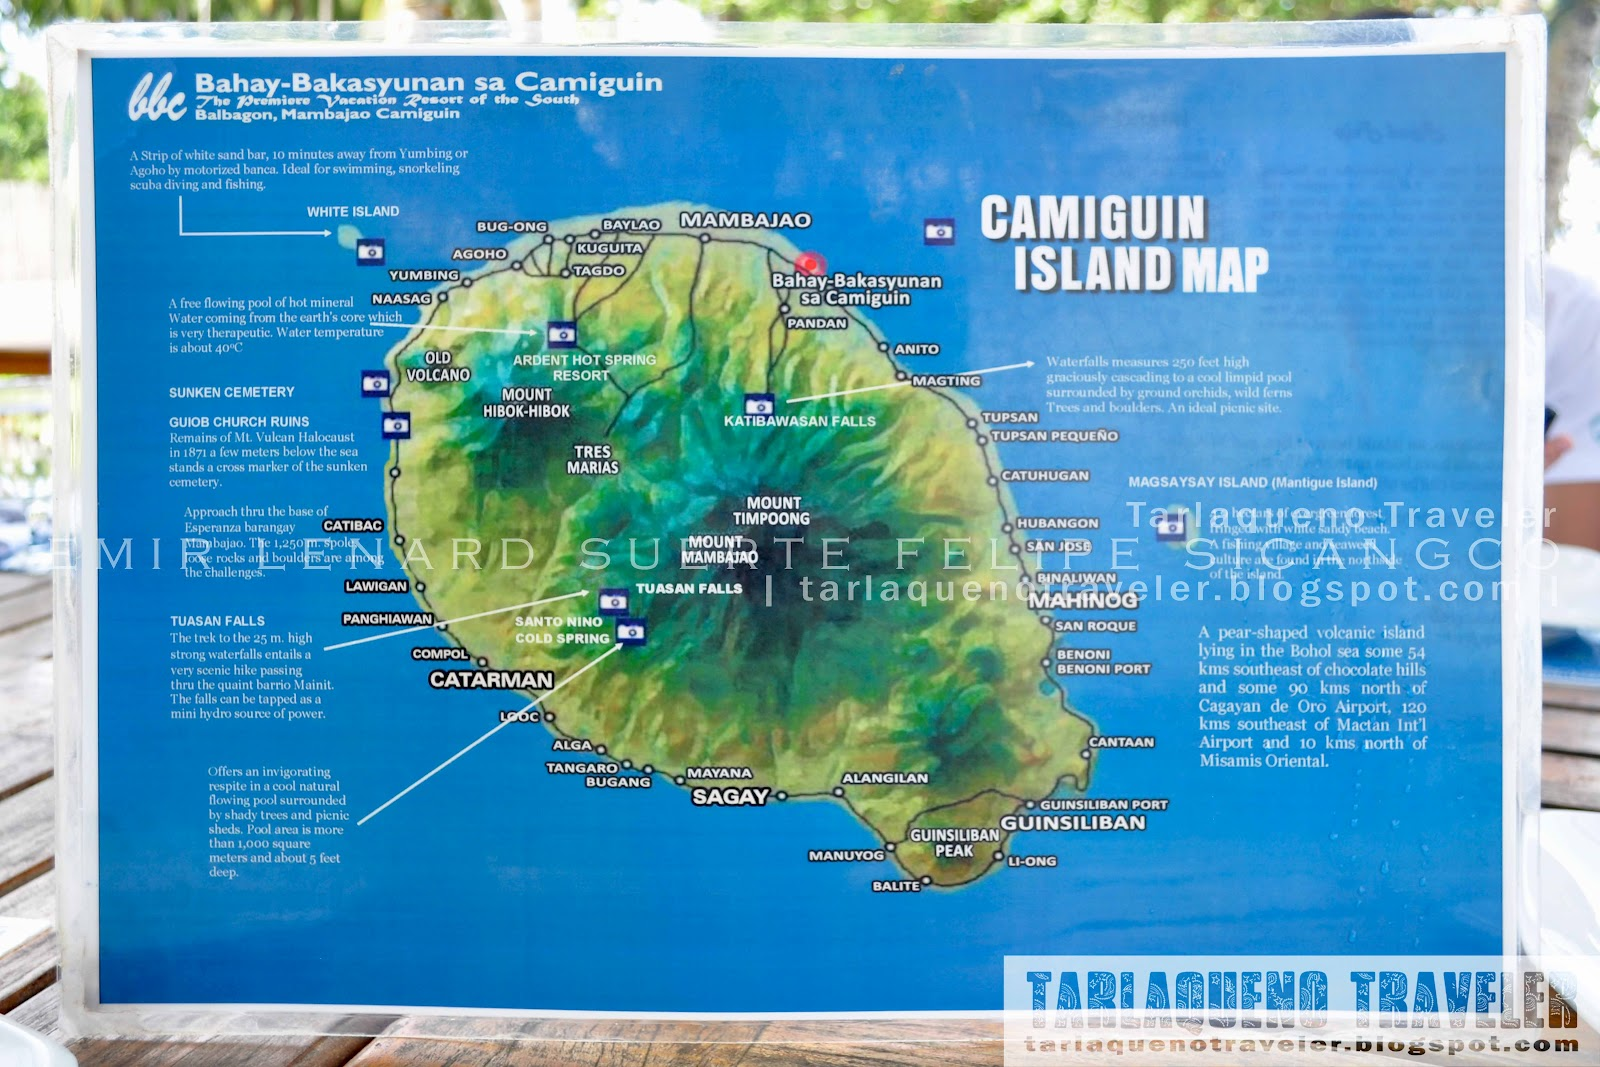 Bahay Bakasyunan sa Camiguin Tourist Map